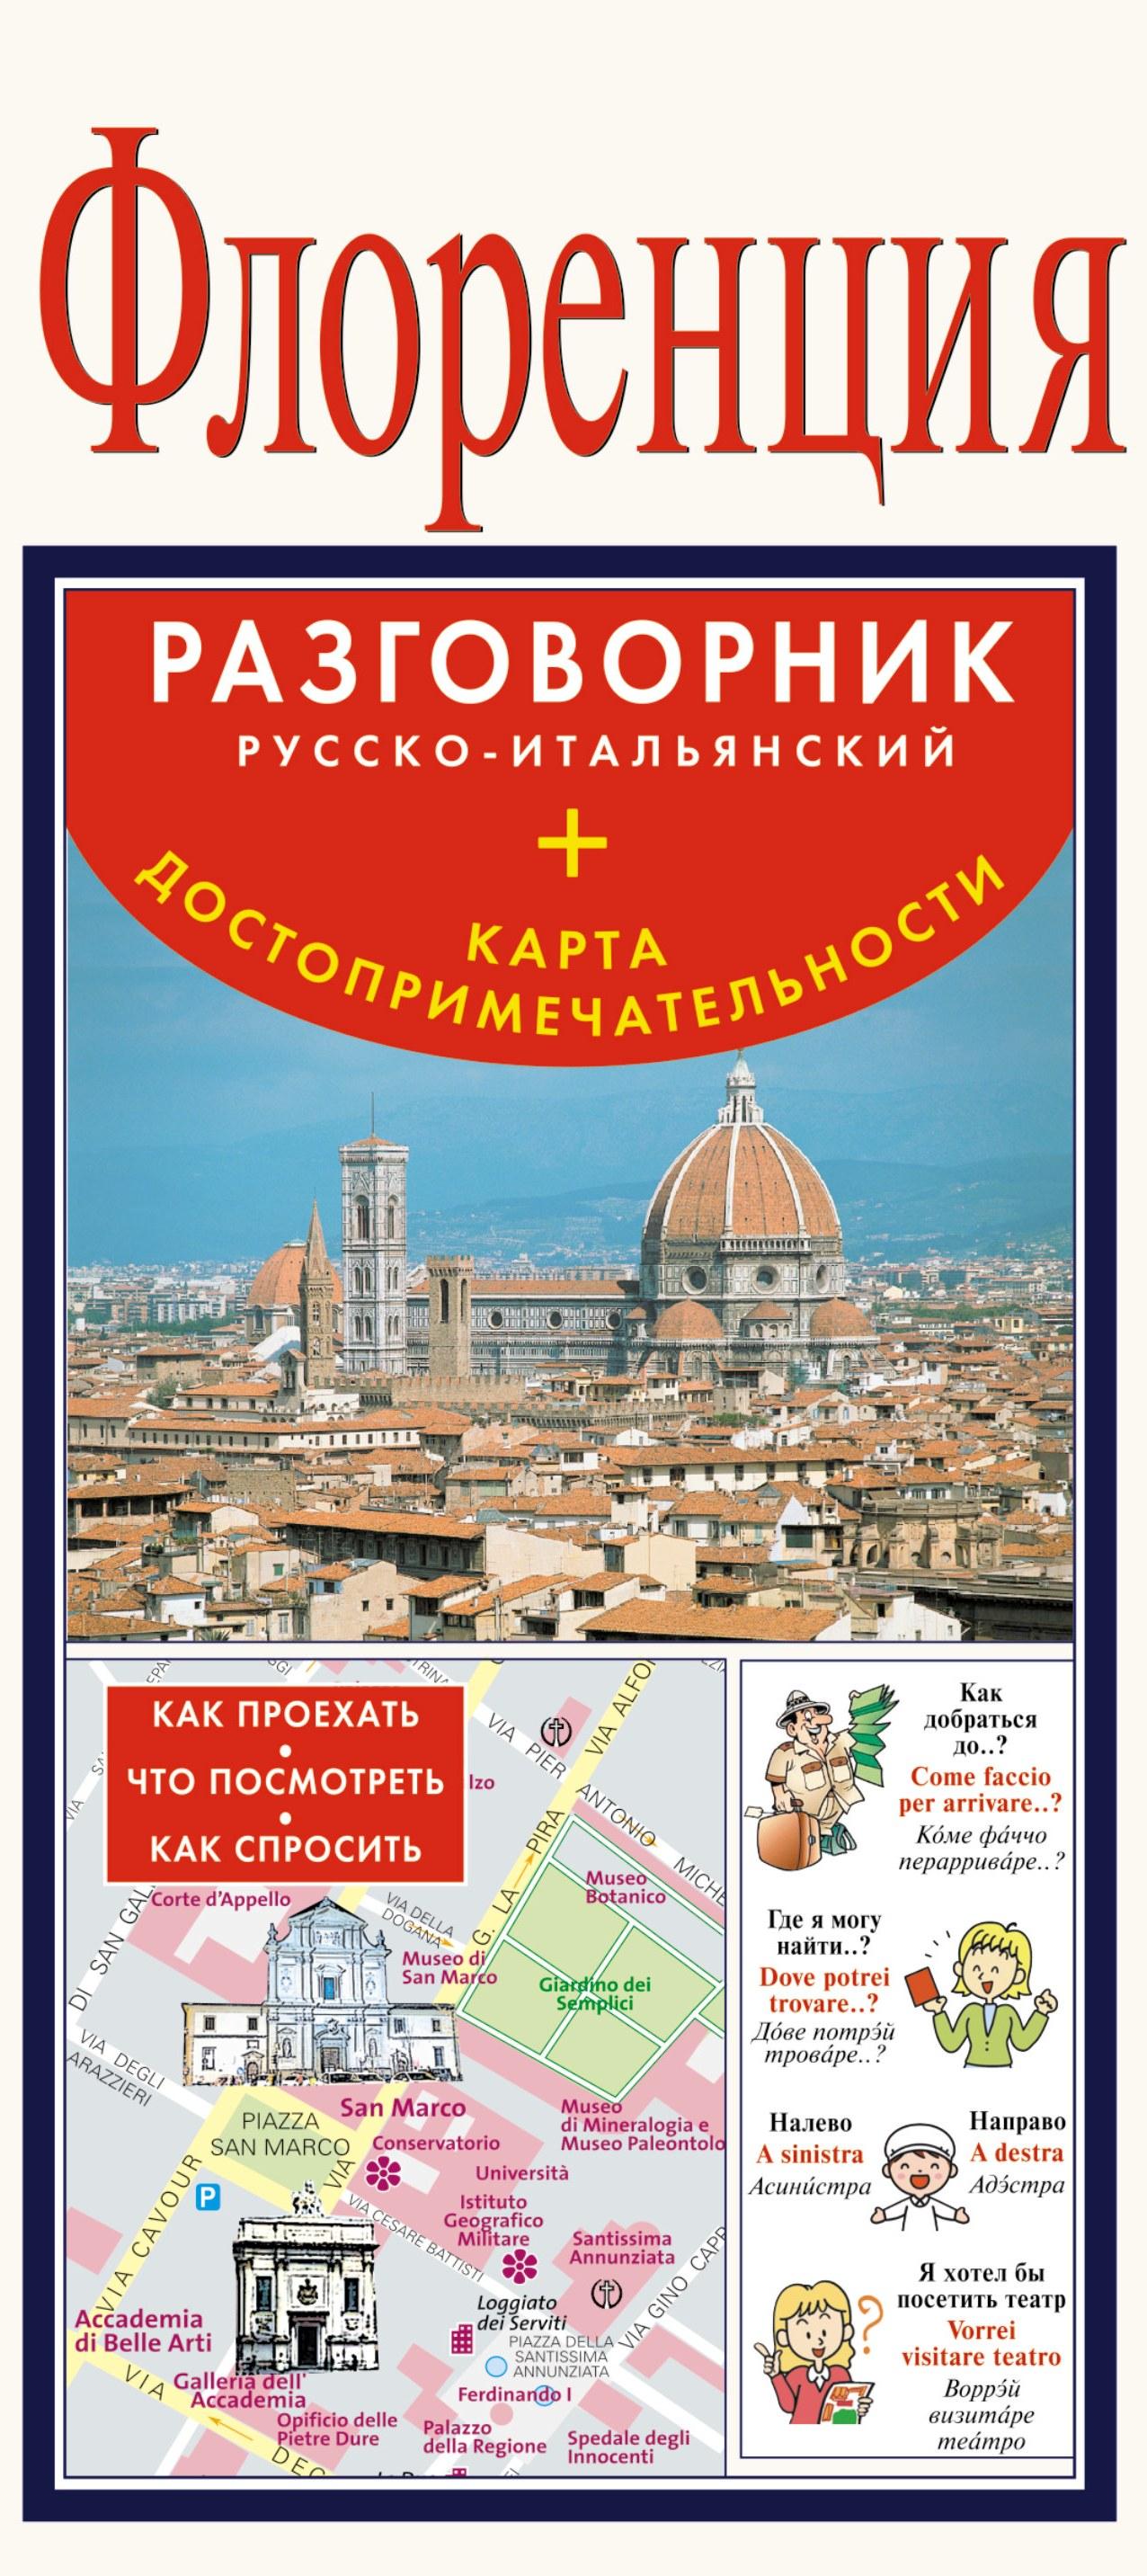 Флоренция. Русско-итальянский разговорник + карта, достопримечательности от book24.ru